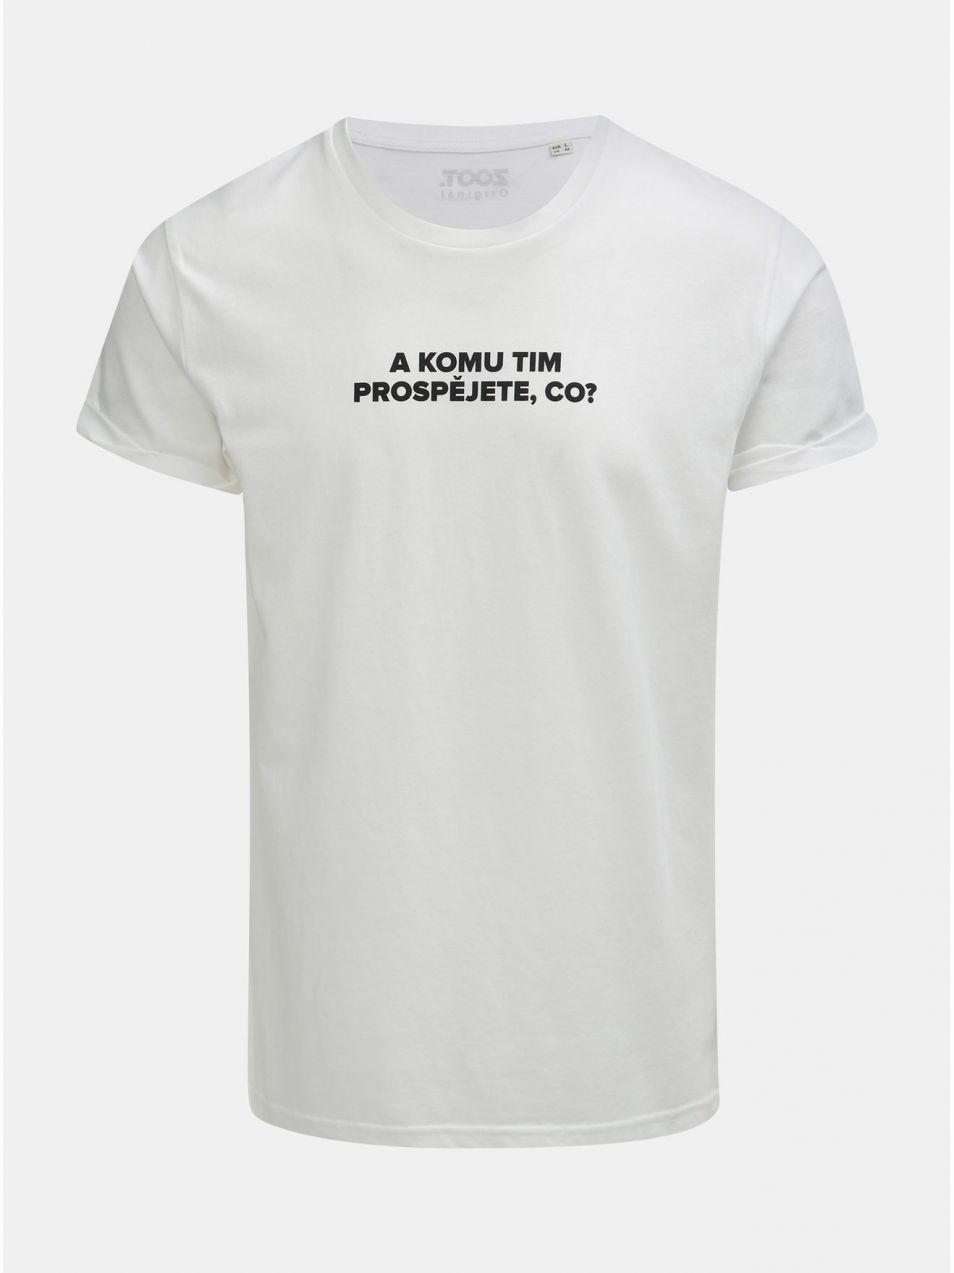 02720ec61ed92 Biele pánske tričko s potlačou ZOOT Original Komu tim prospějete ...